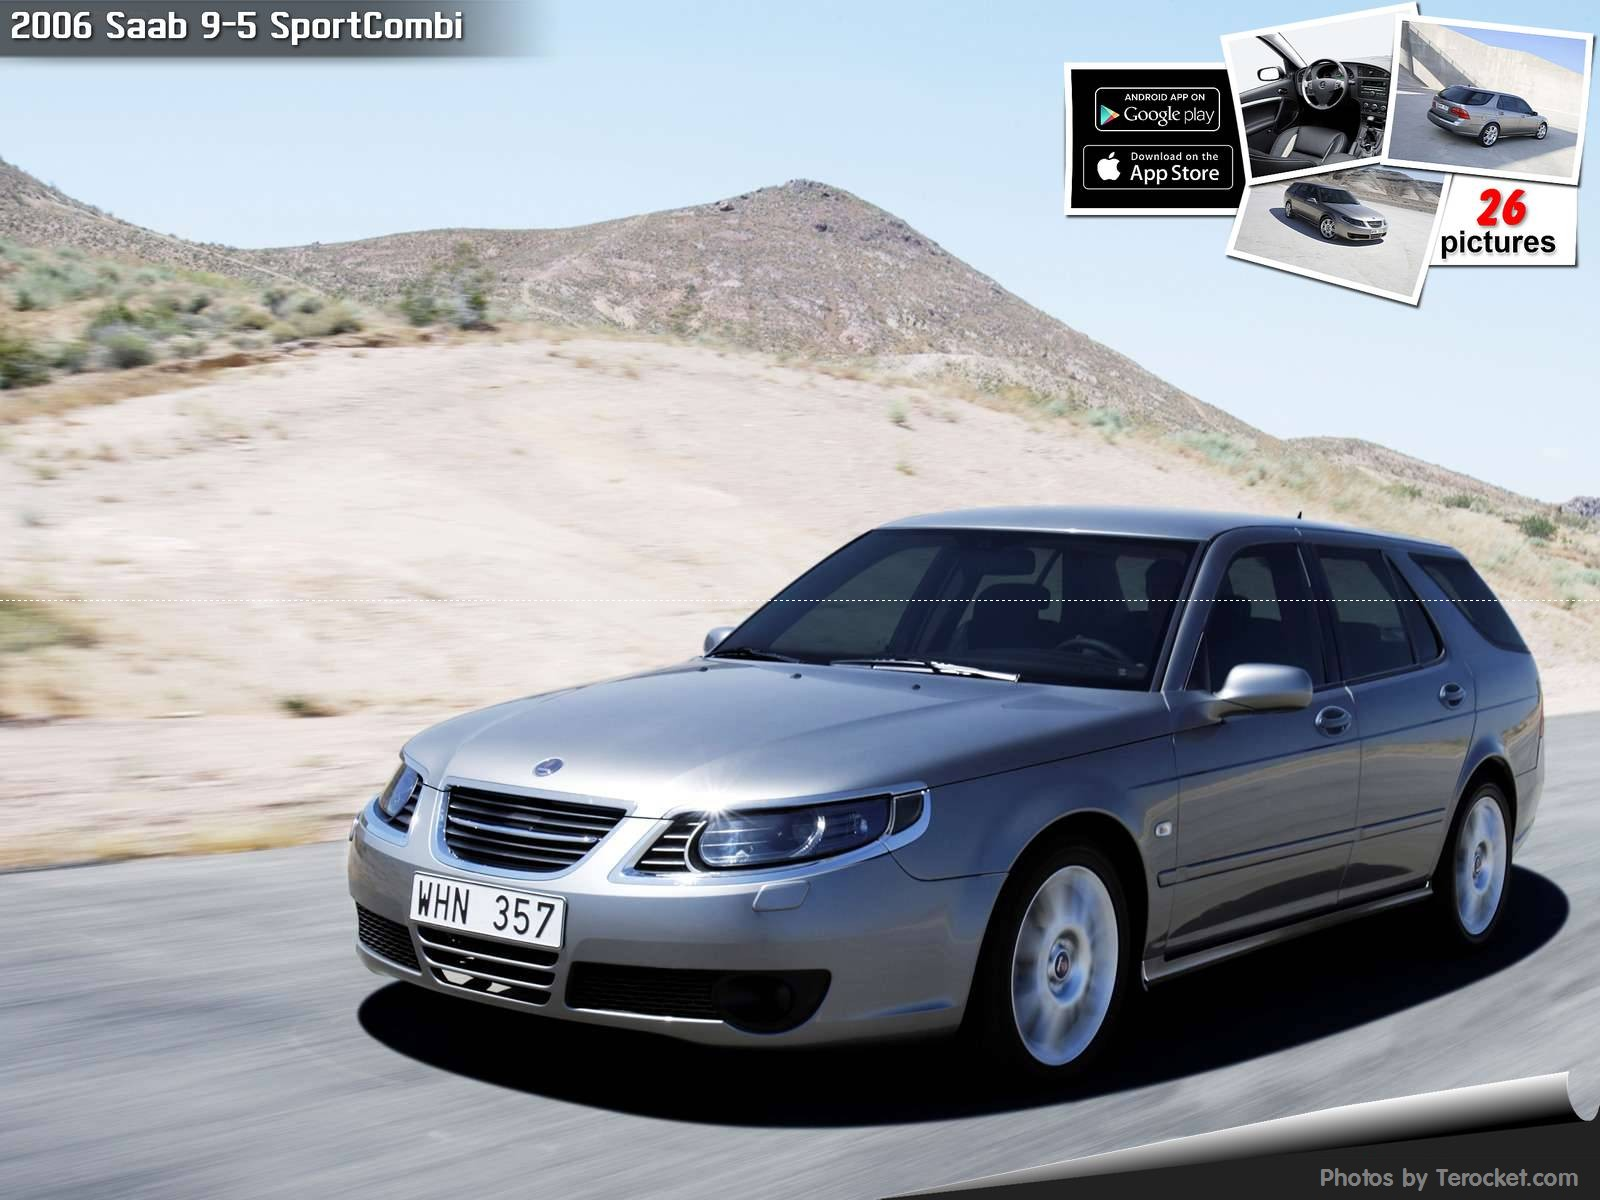 Hình ảnh xe ô tô Saab 9-5 SportCombi 2006 & nội ngoại thất